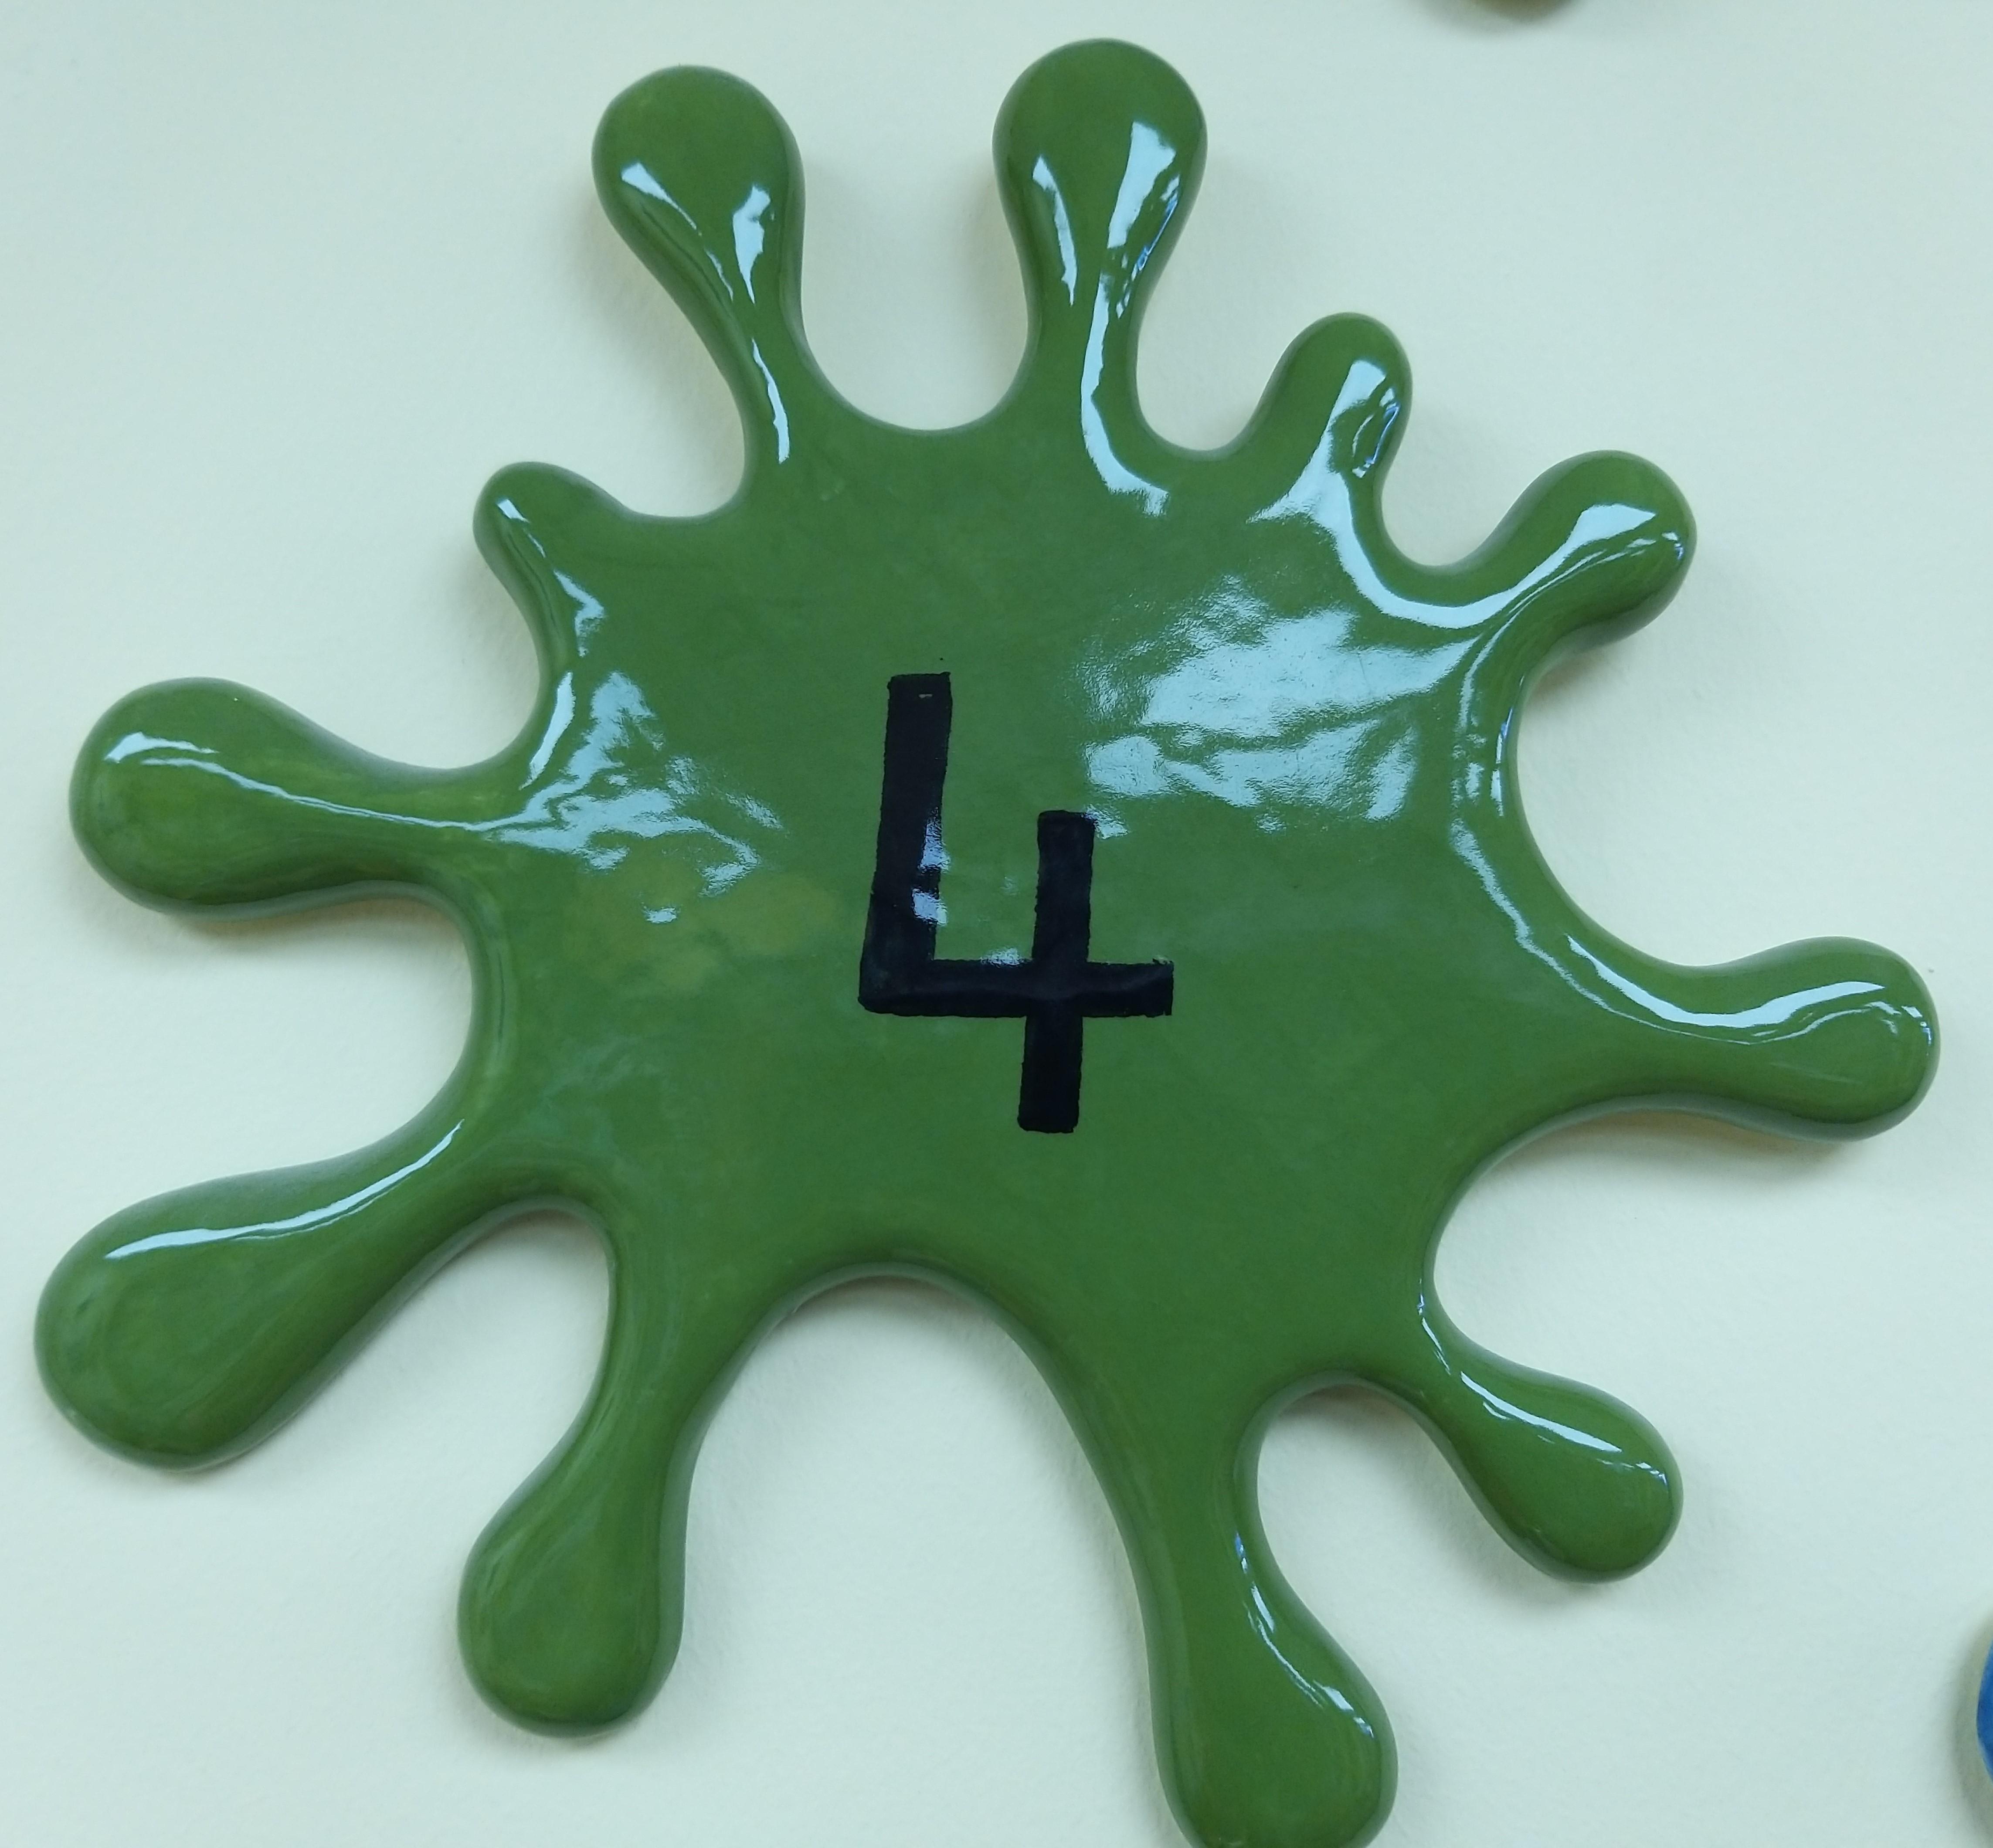 04. Moss Green